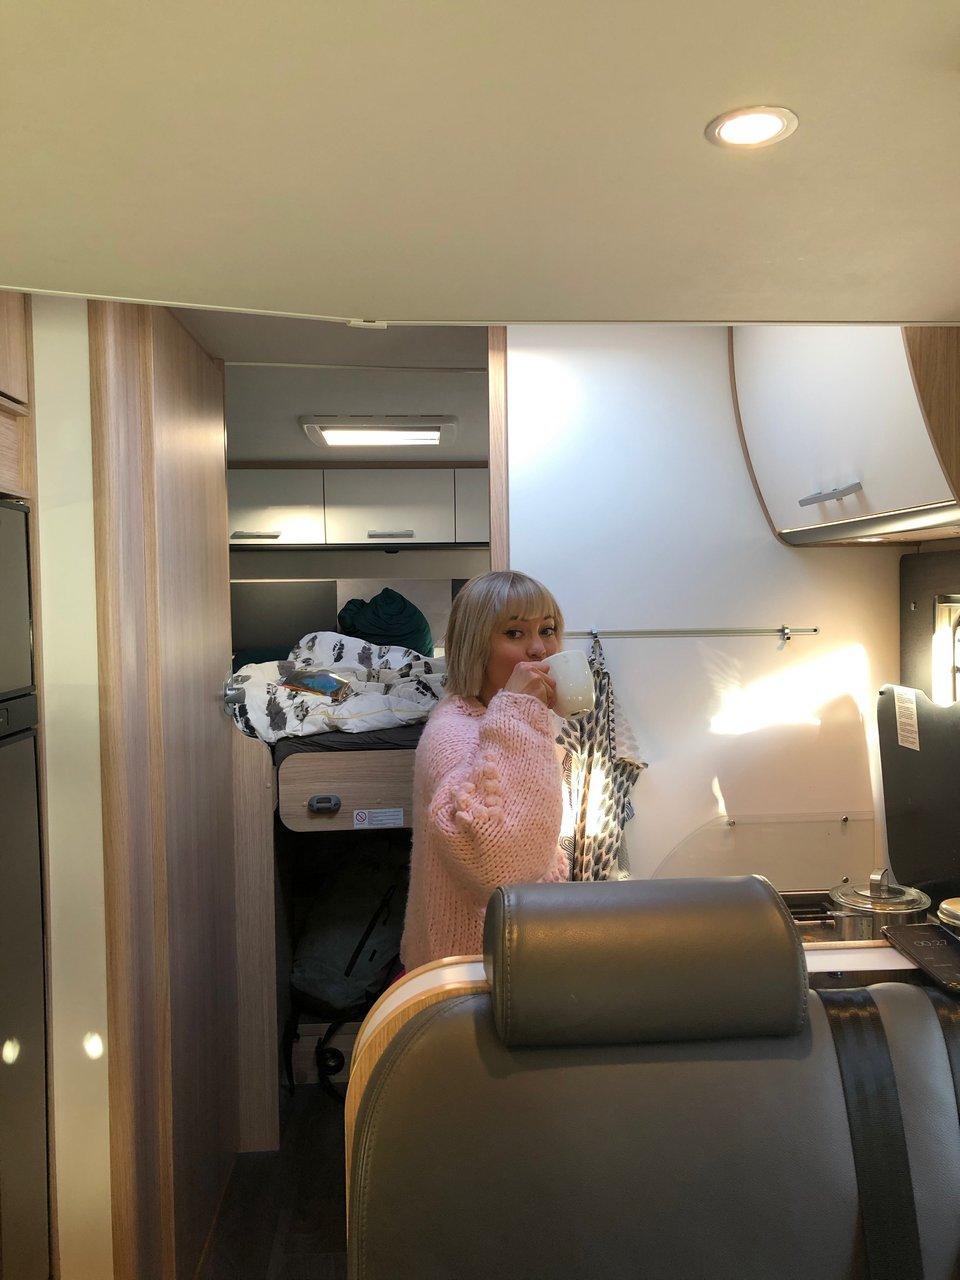 Matkailuautosta tuli kuin toinen koti Annalle - aamukahvit tässä keittiössä tuli juotua usein!